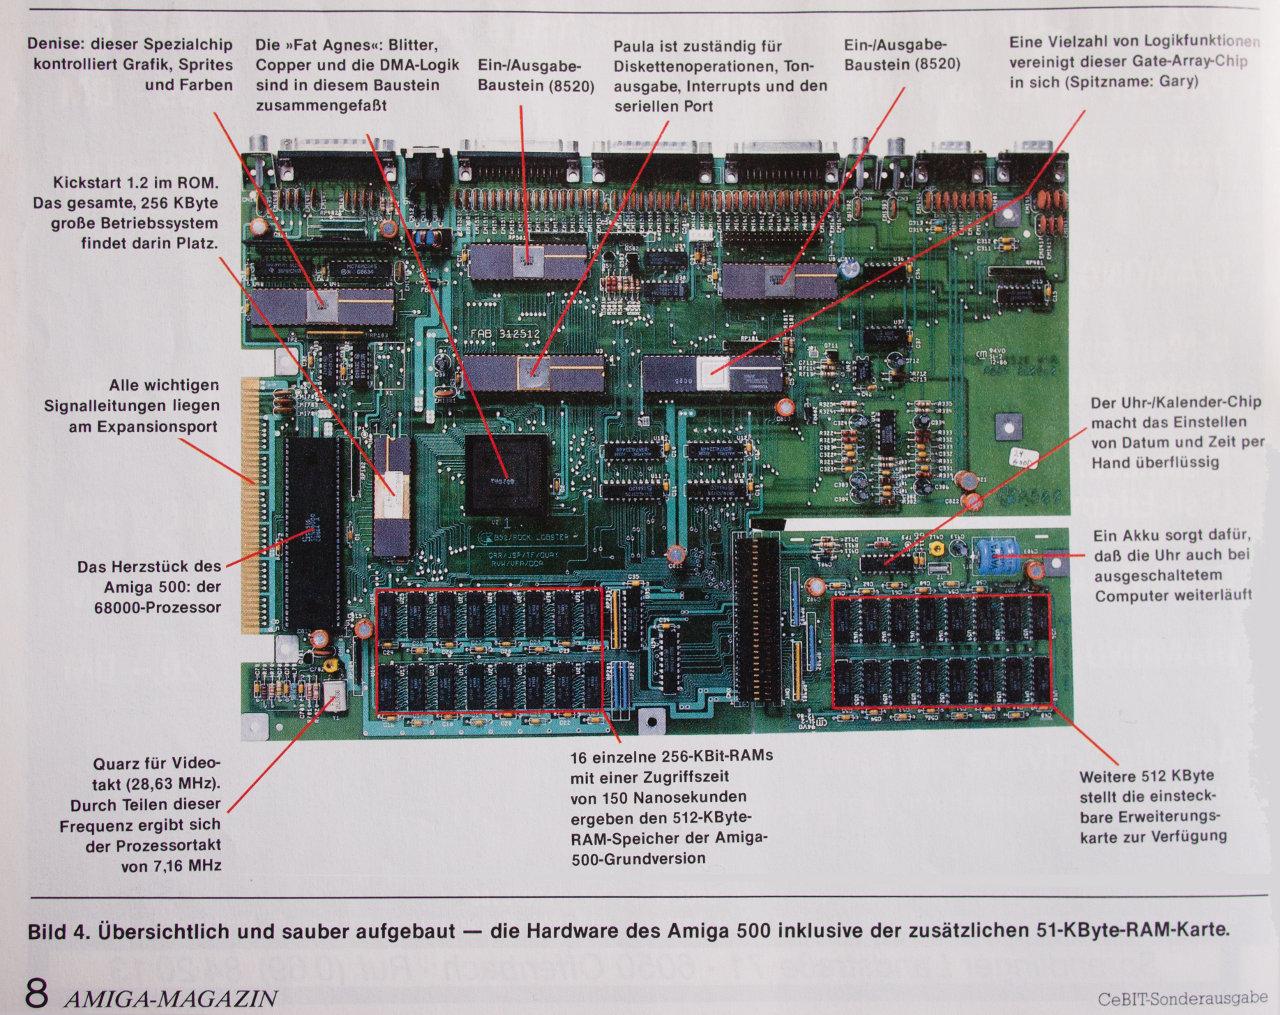 Platinenlayout des Amiga 500. (Bild: Amiga-Magazin, CeBIT Sonderausgabe von 1987)